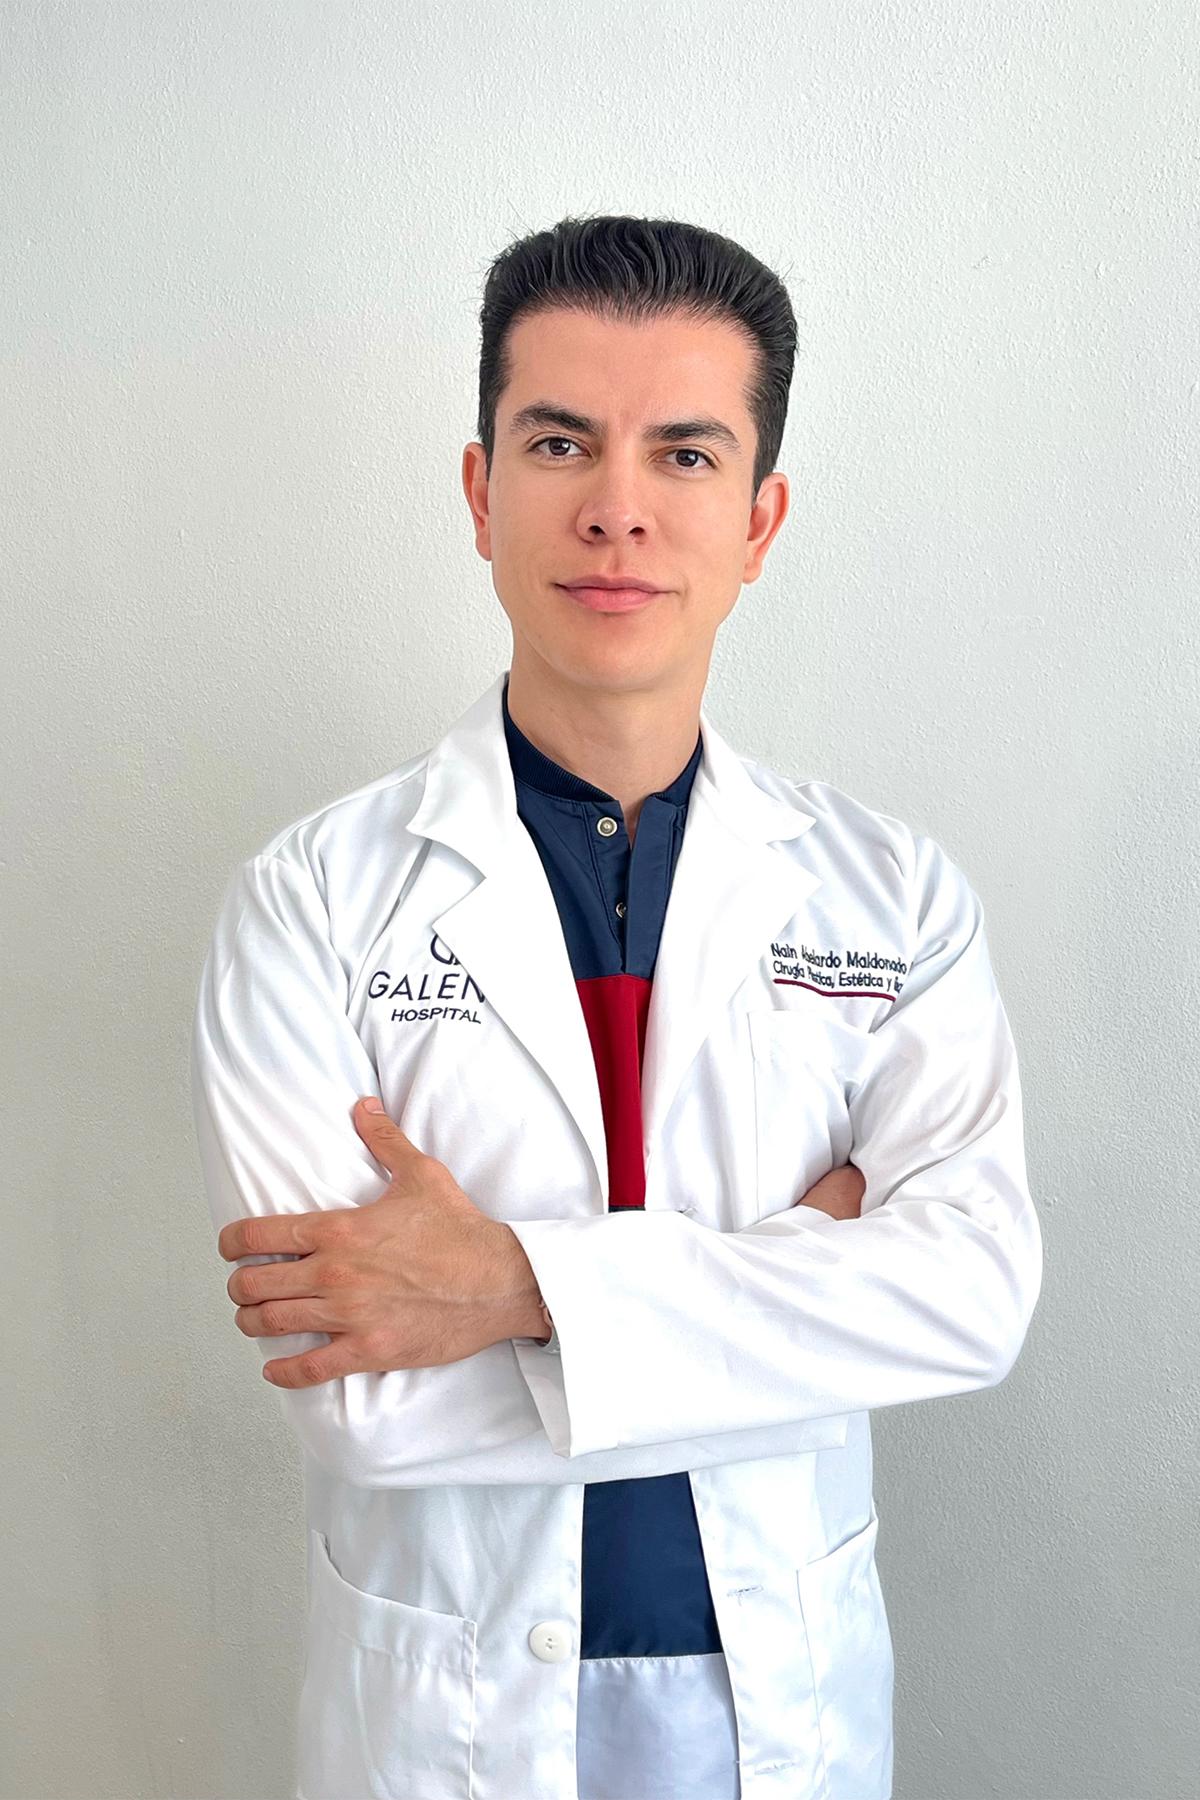 Picture of Dr. Nain Maldonado